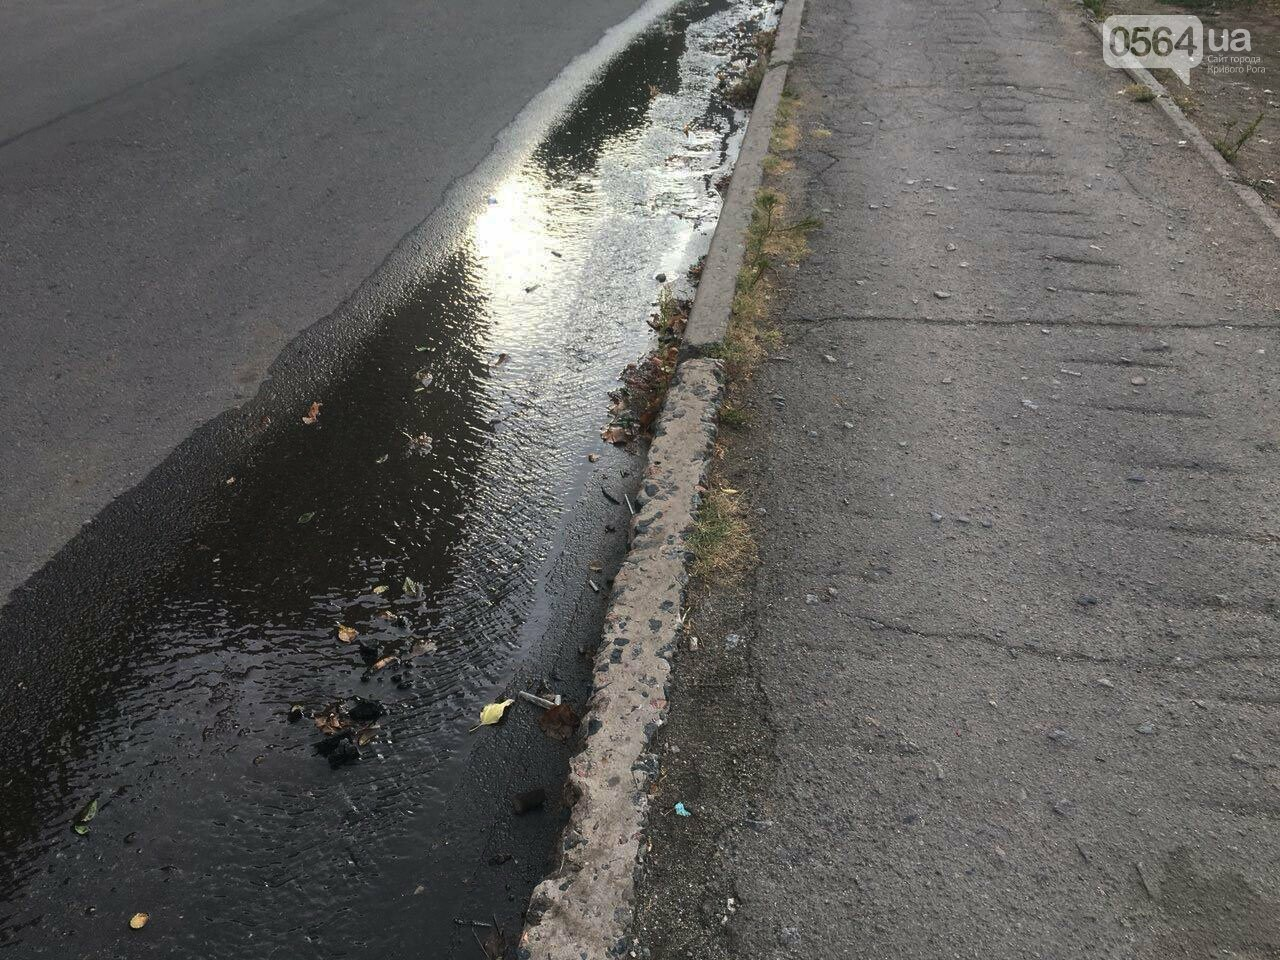 В Кривом Роге несколько дней заливает питьевой водой целый микрорайон, - ФОТО, ВИДЕО , фото-29